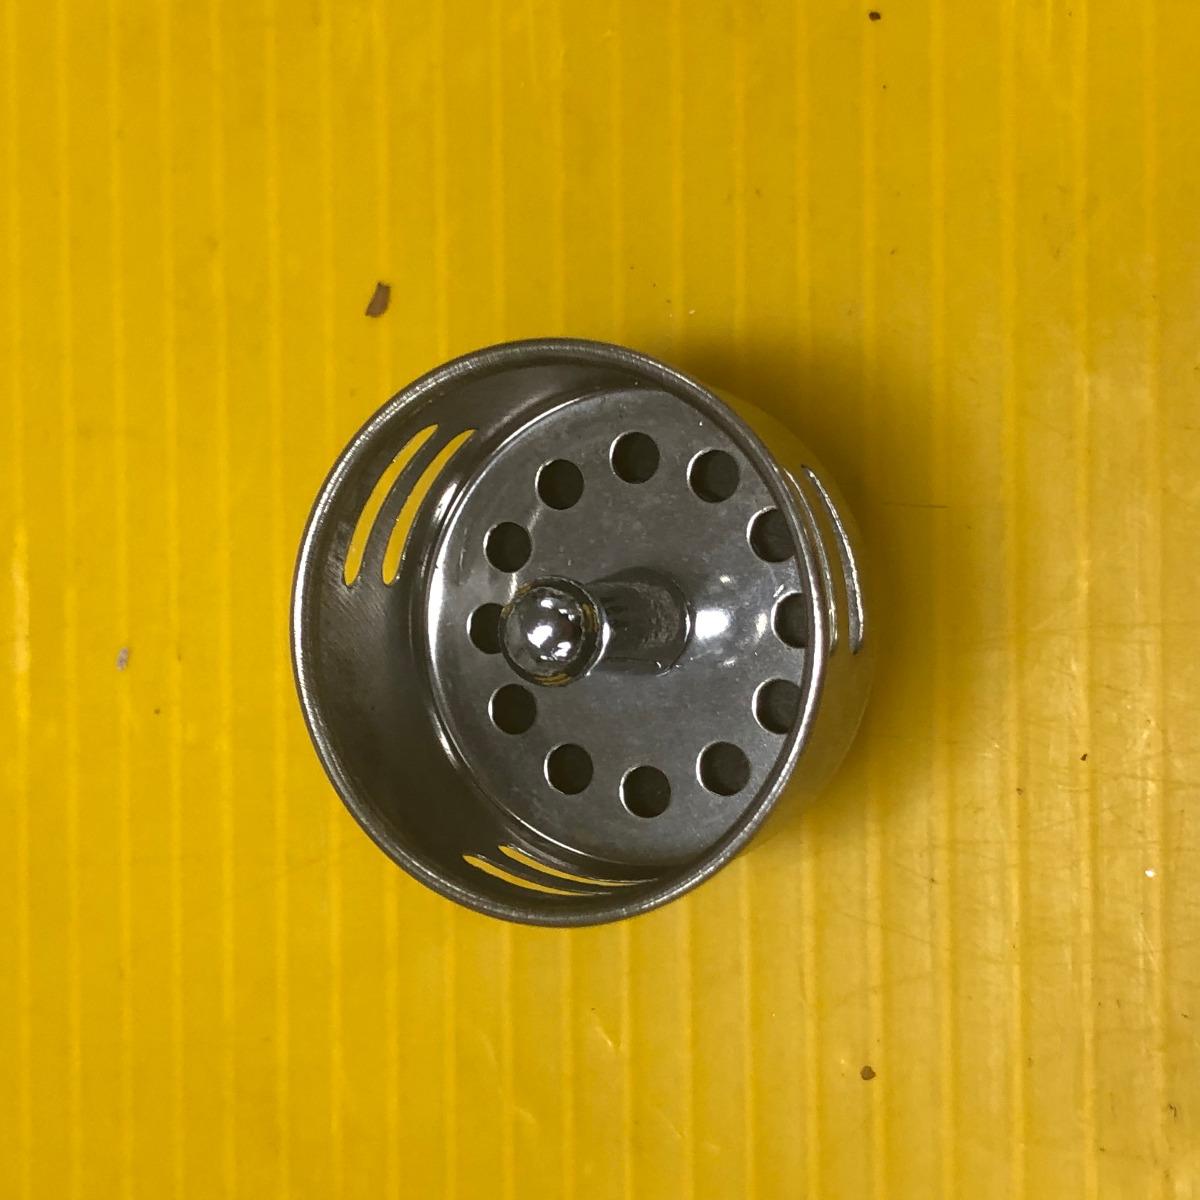 Ss Sink Strainer Basket Camper Travel Trailer Pop Up Rv Black Kitchen Galley Joetlc